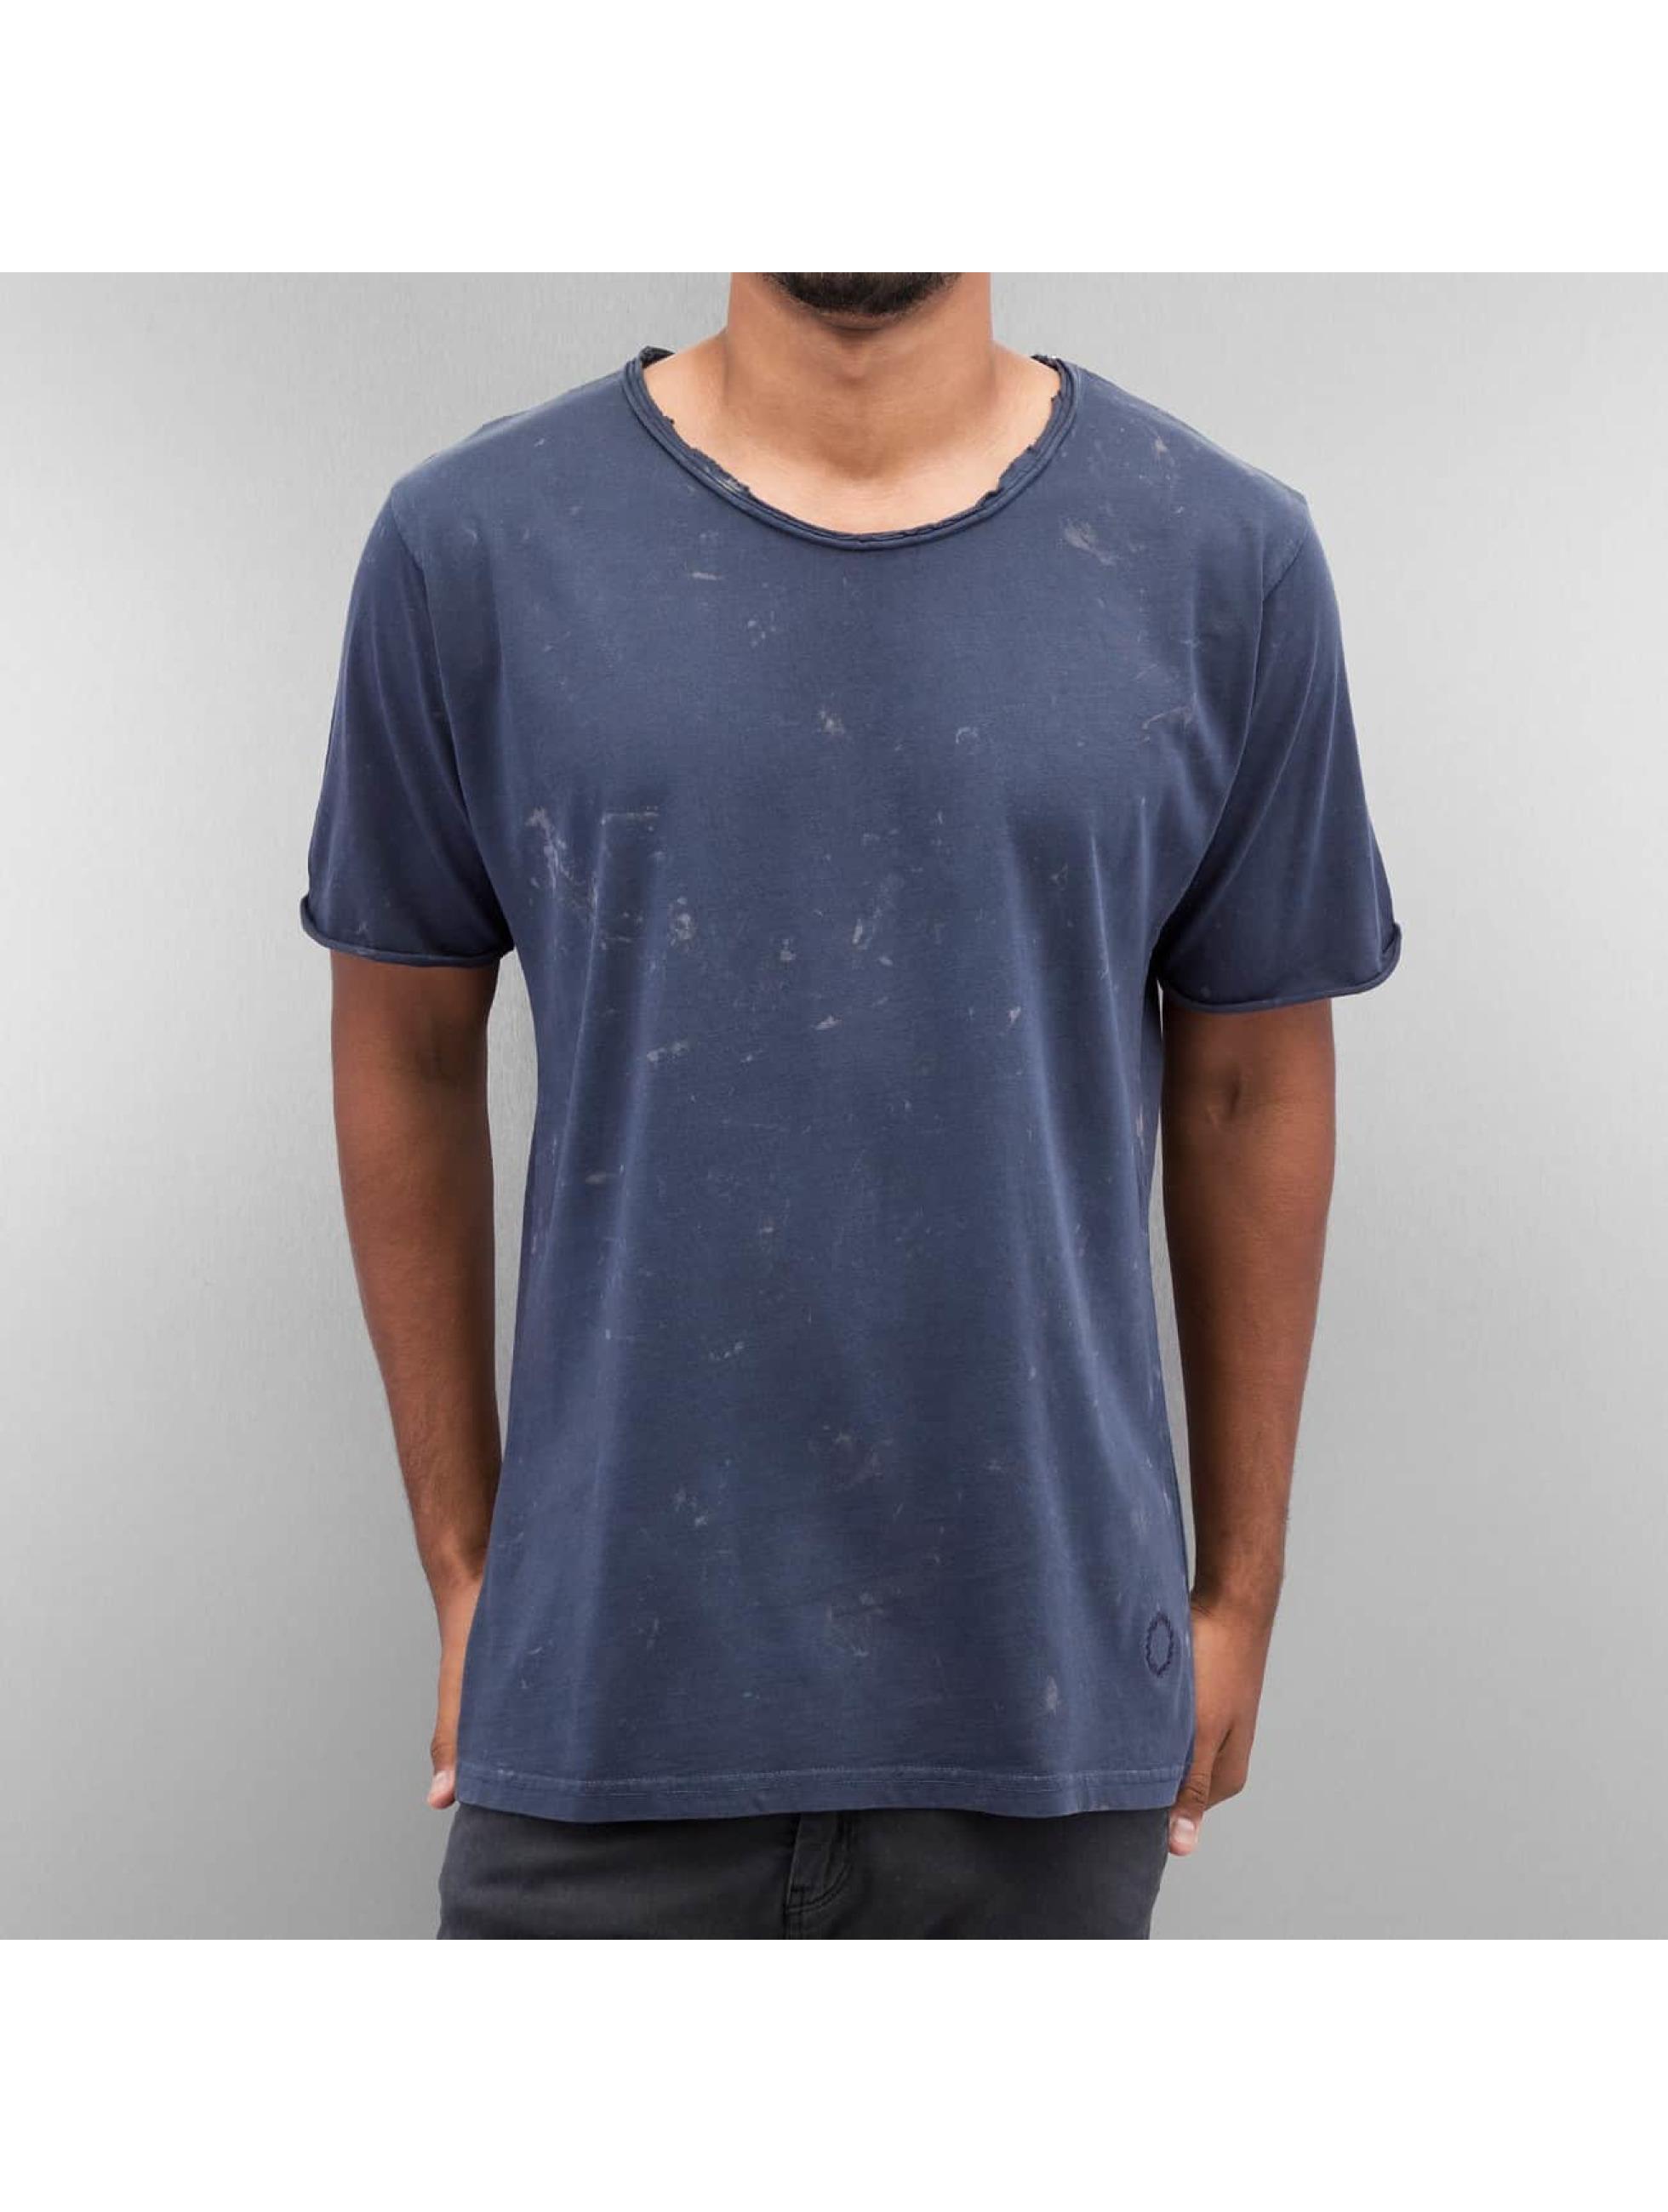 Yezz Männer T-Shirt Bleched in blau